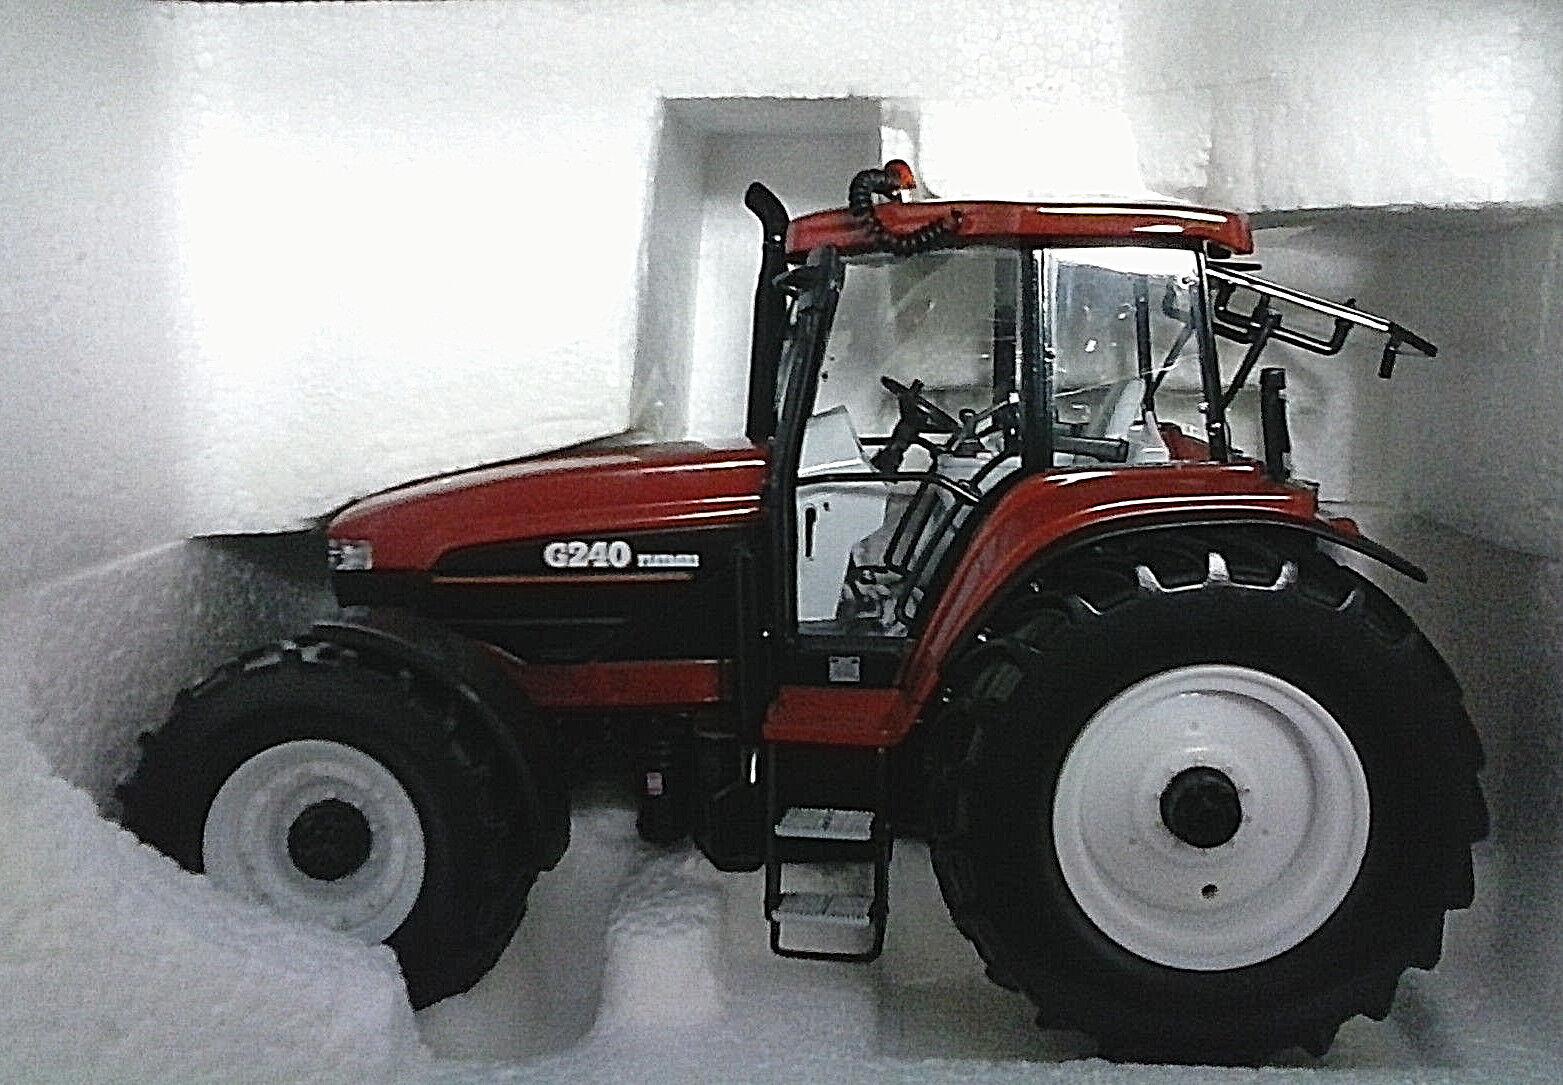 ROS 1 32 MEZZO AGRICOLO TRATTORE  TRACTOR  FIATAGRI G240  ART 301429